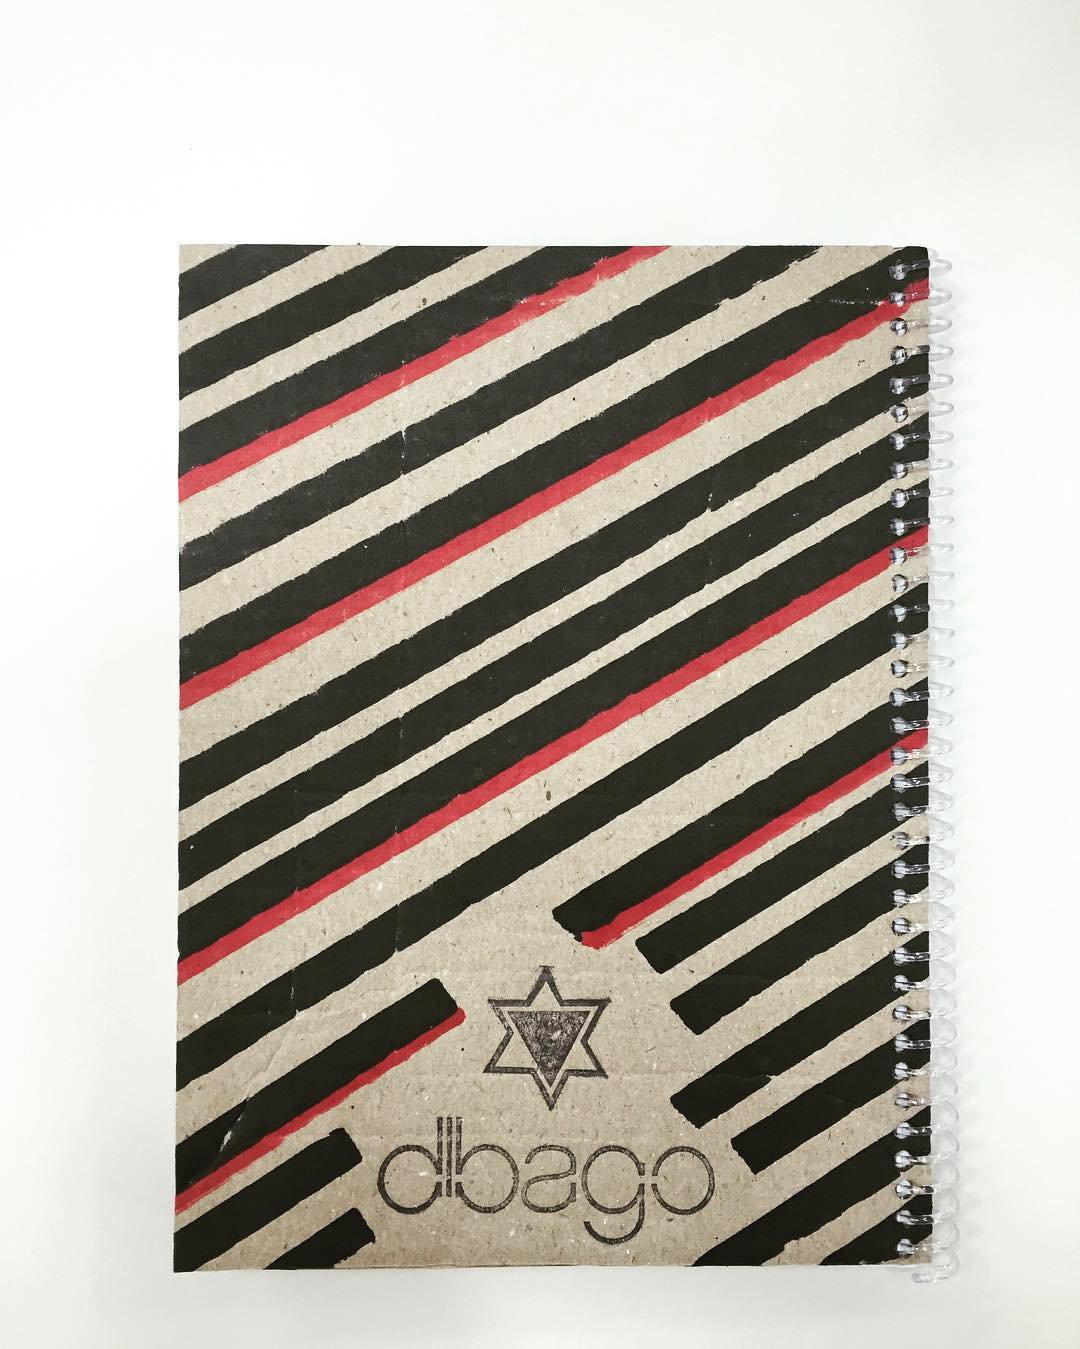 Nuevos cuadernos #dibago . 100% reciclados. Próximamente... Consegui el tuyo! #notebook #handmade